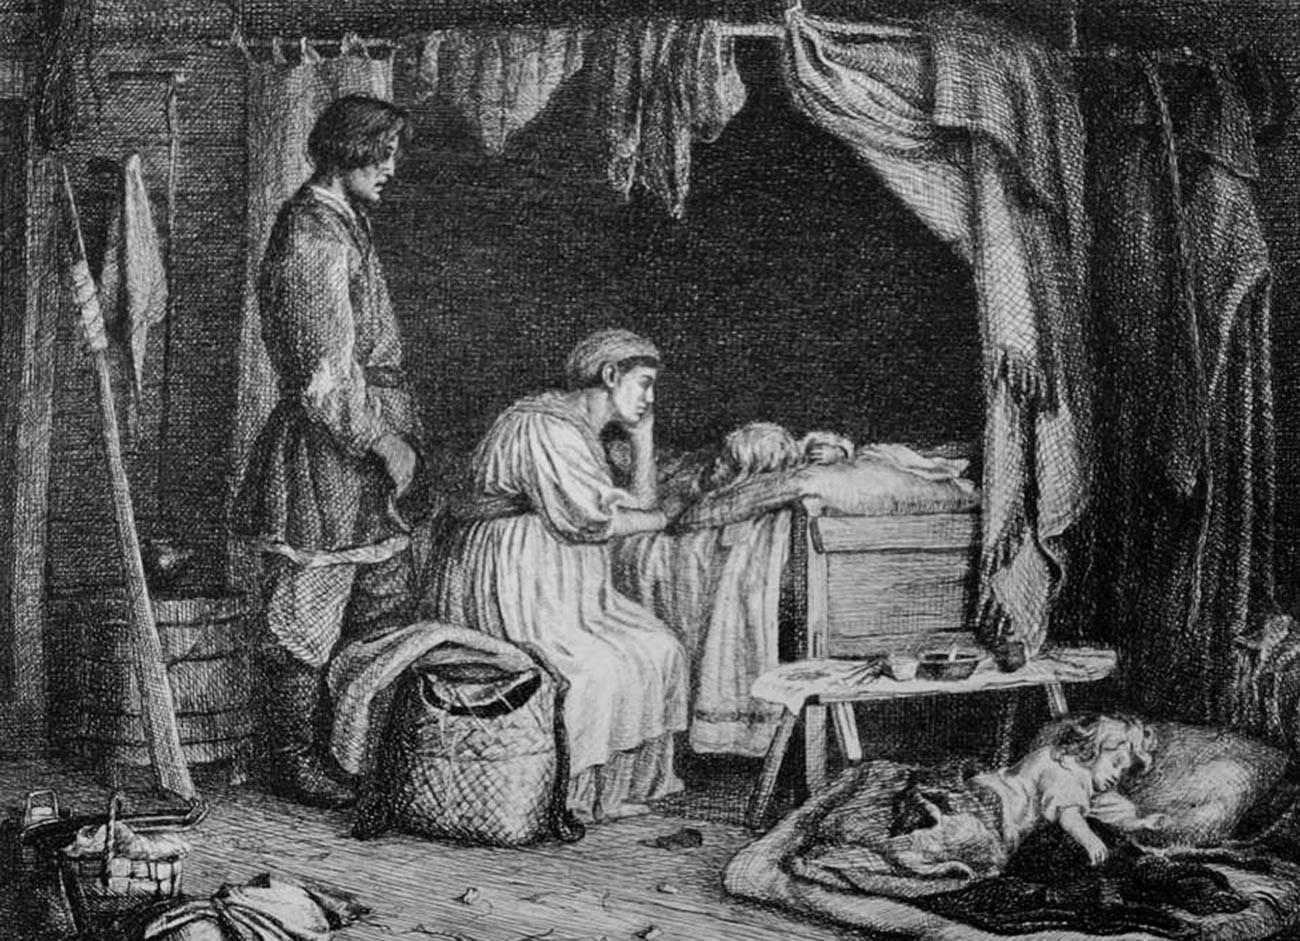 Die meisten Bauernfamilien in Russland waren unerträglich arm. Viele Kinder wurden geboren, aber viele starben im Kindesalter.